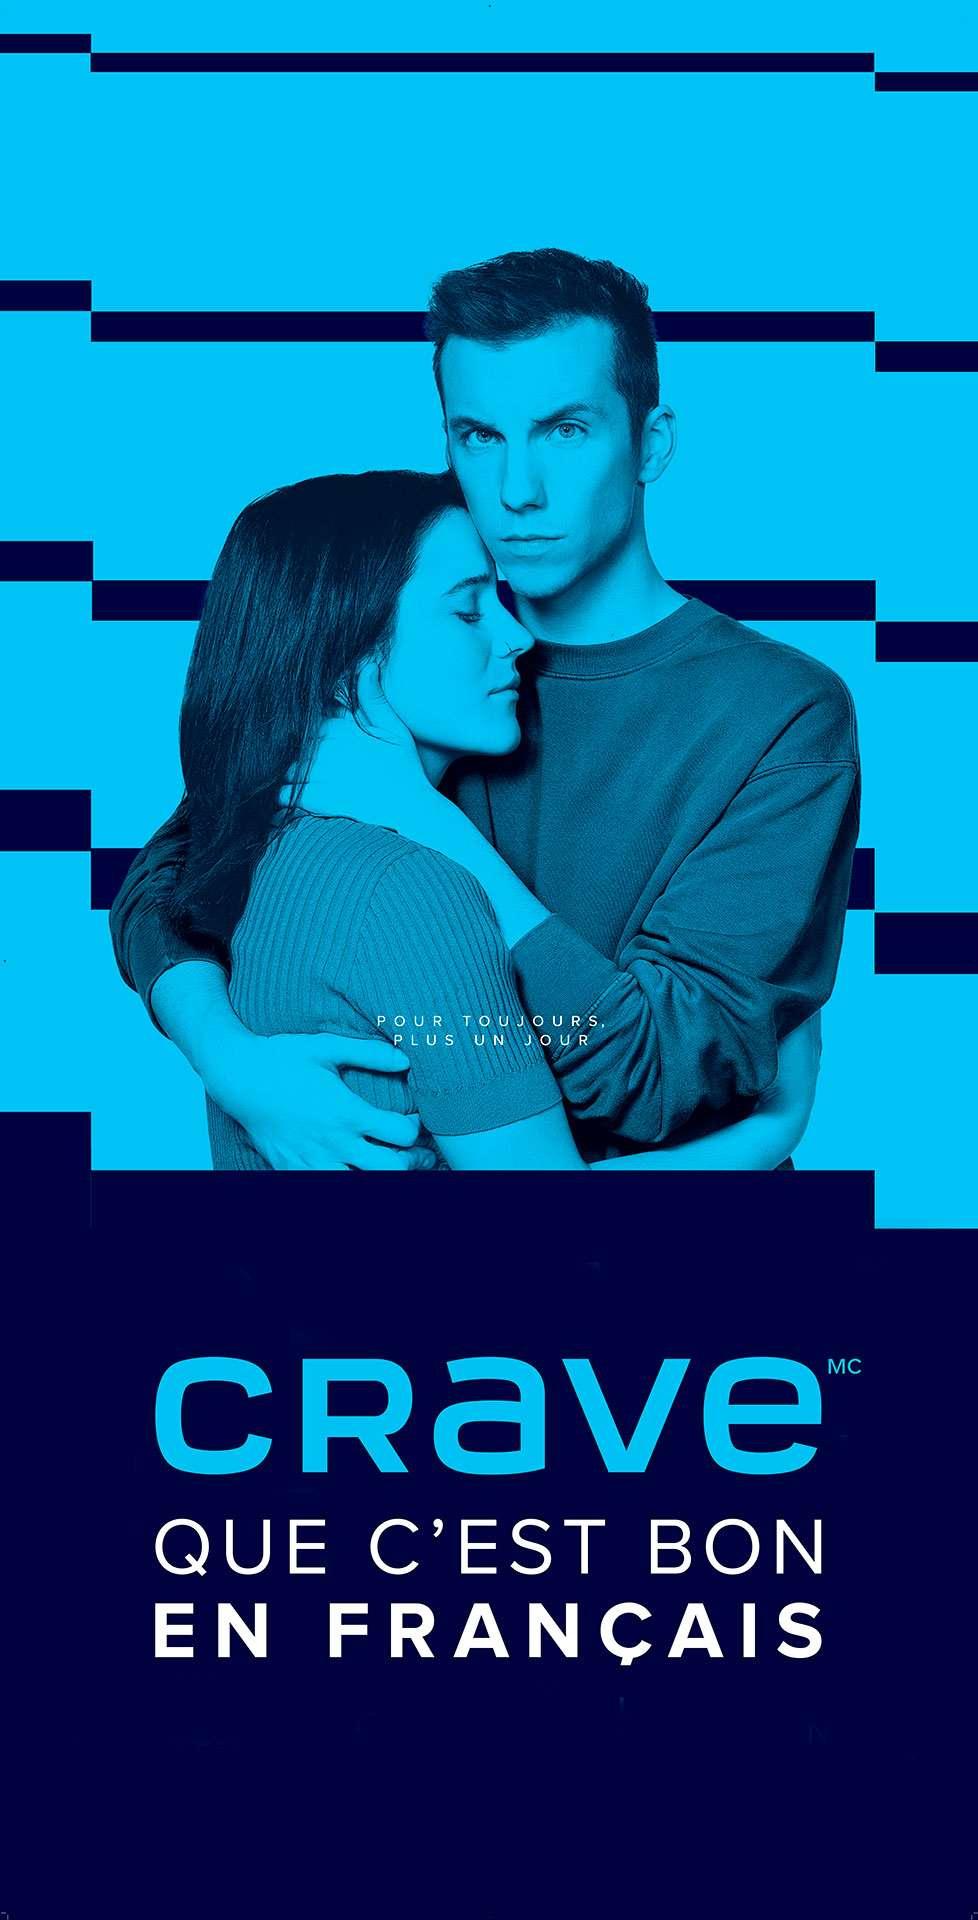 mockup of landscape ad for CRAVE original show Pour Toujours Plus Un Jour shot by Jocelyn Michel on billboard